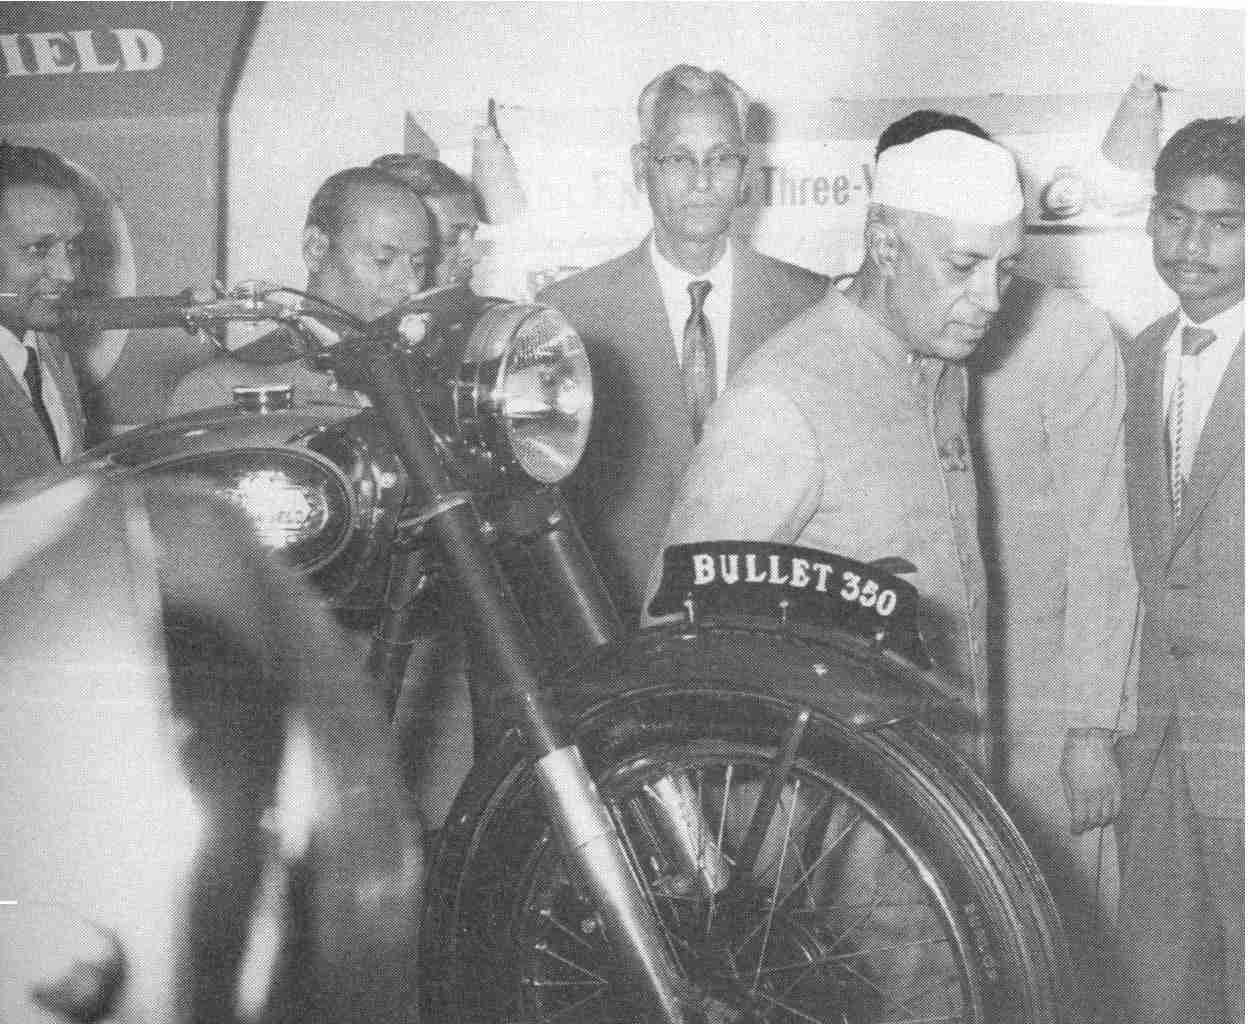 Royal Enfield and Jawaharlal Nehru